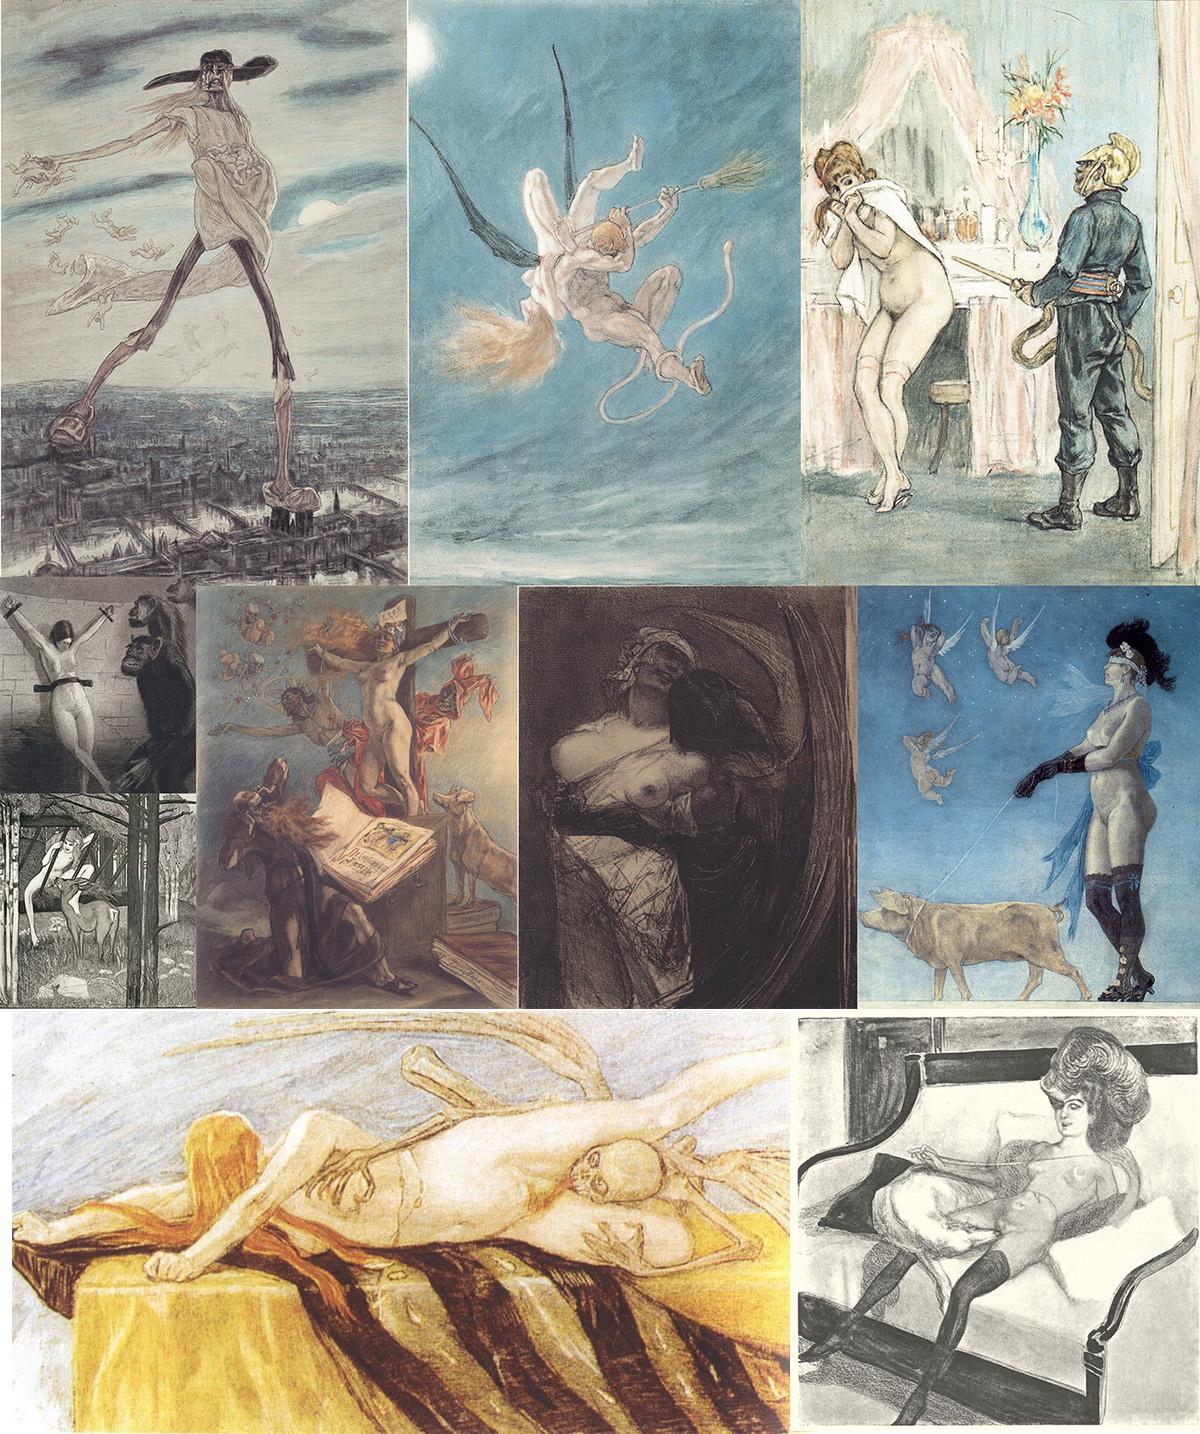 Algunos de los dibujos eróticos que coleccionaba Kafka